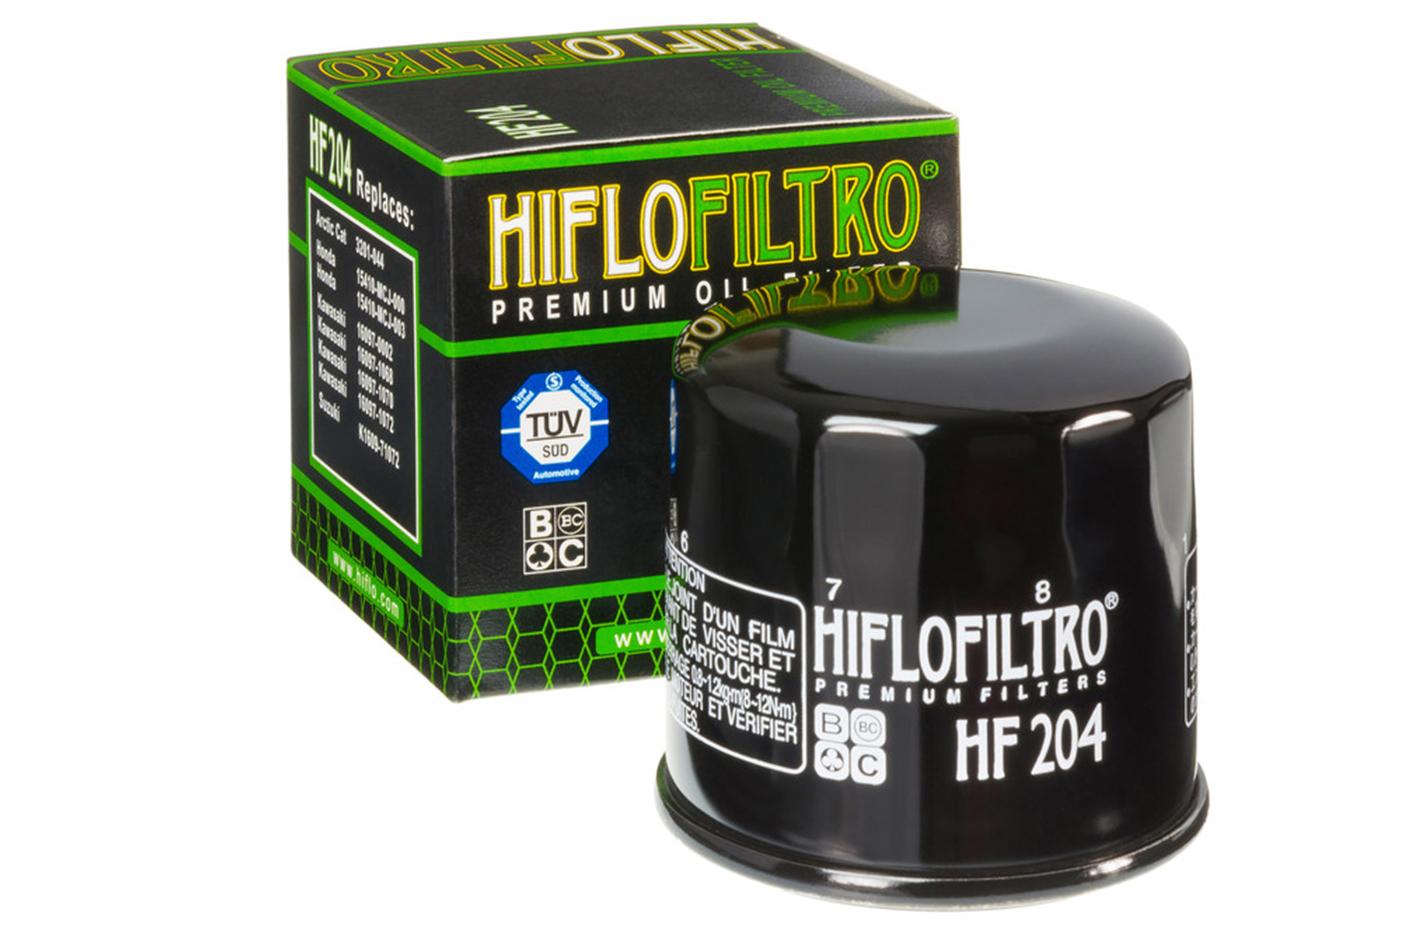 HIFLO HF204 Filtro Olio Moto Honda Hornet 600 900 Kawasaki ZX-6R Yamaha YZF FZ6 600 Arctic Cat quad - PZ